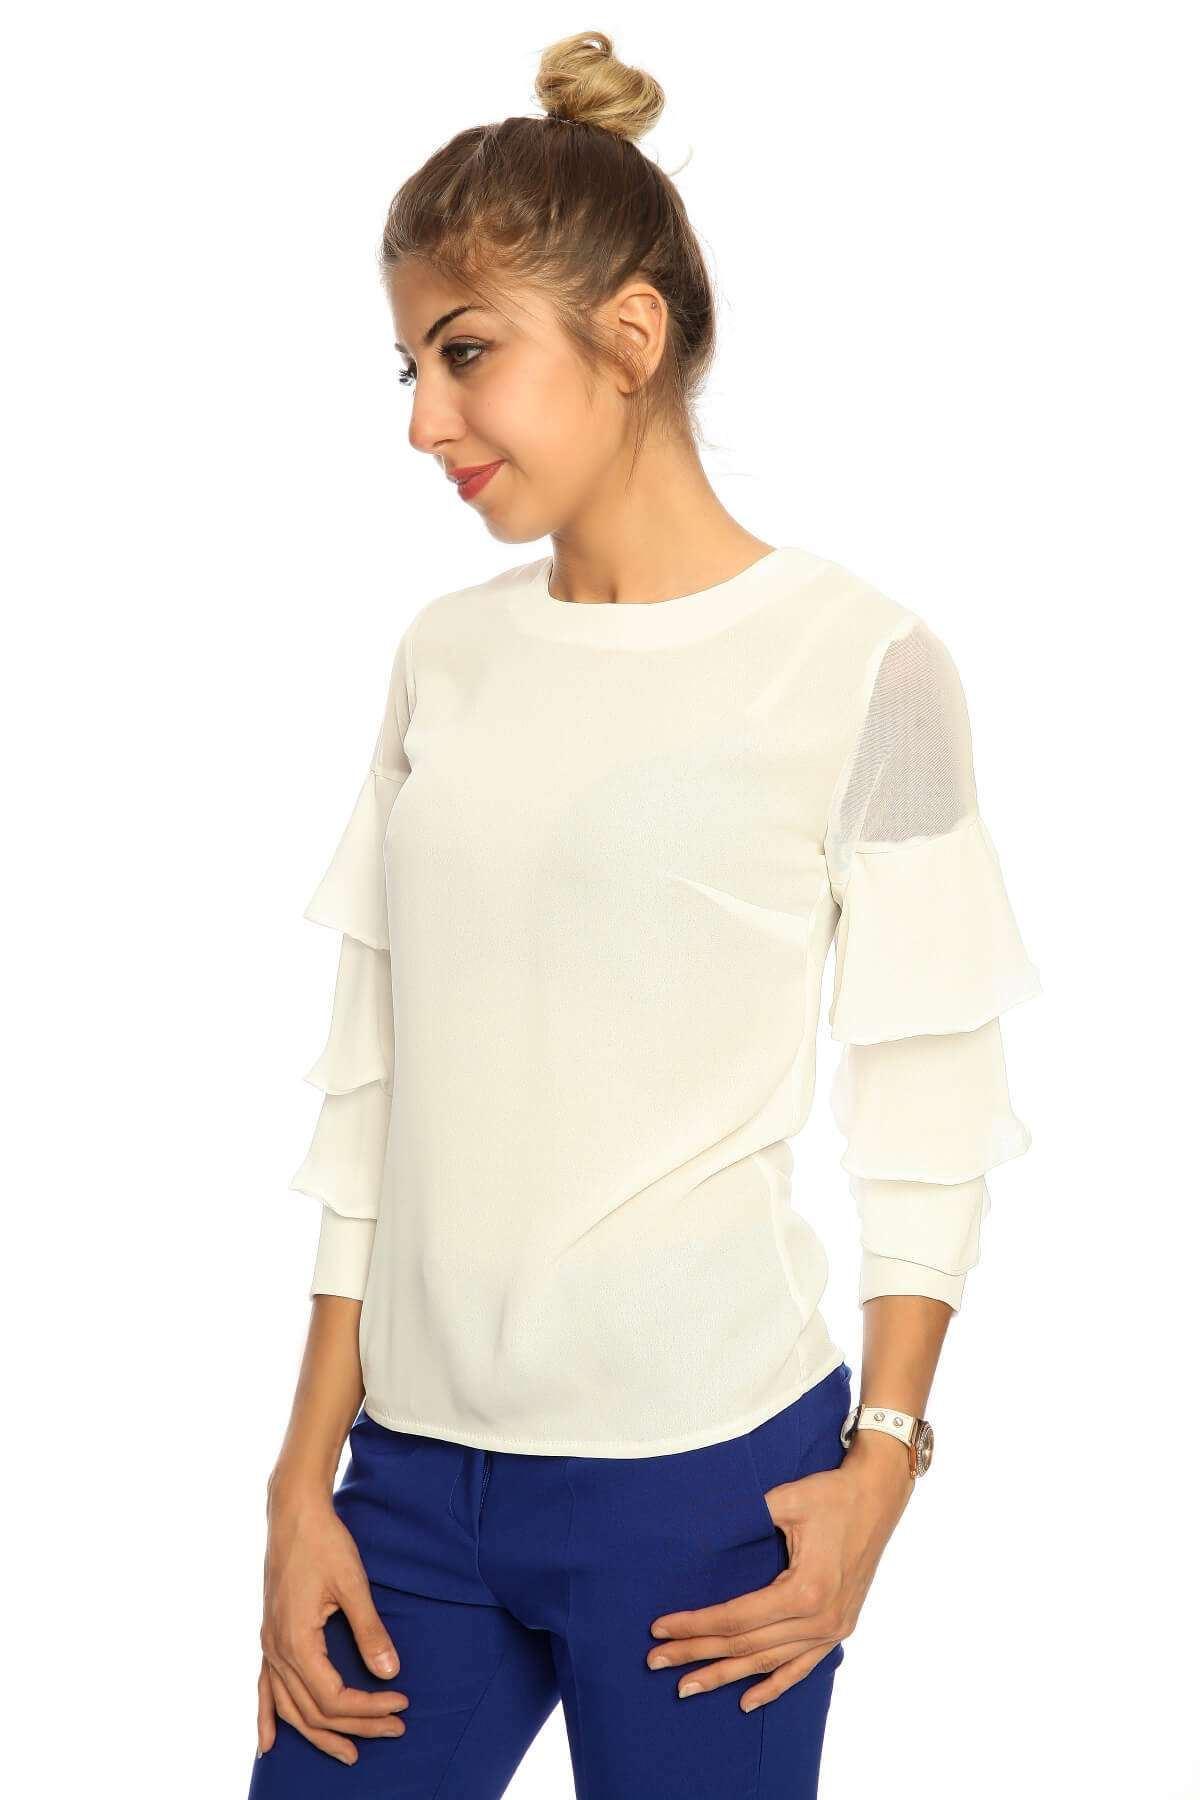 Volan Kol Omuz Transparan Bluz Beyaz